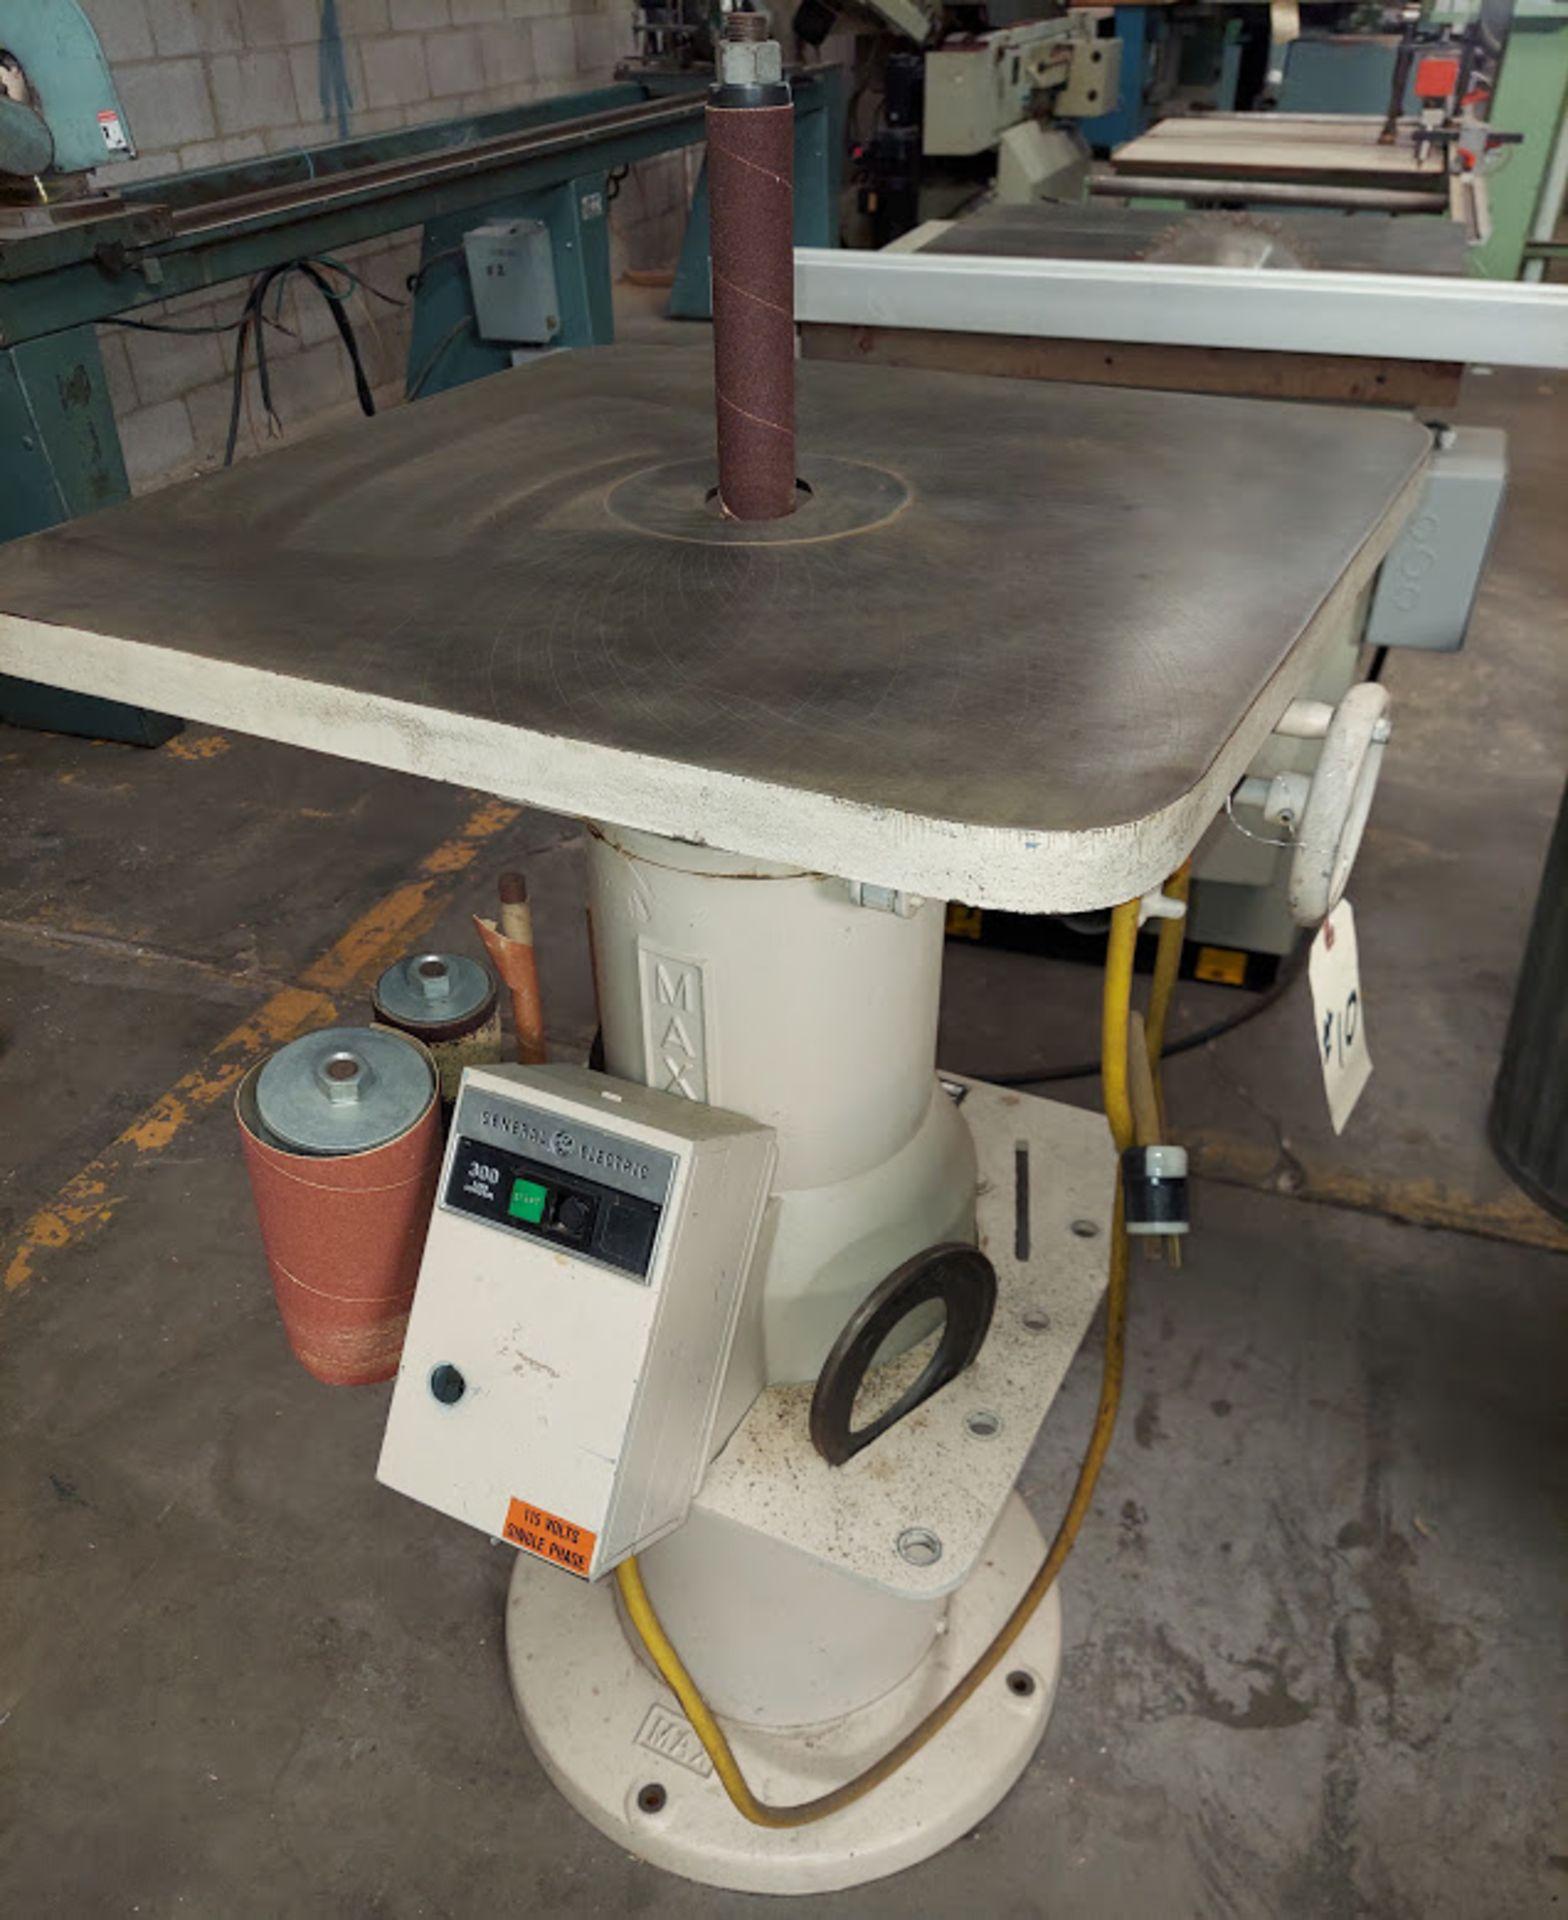 Max Industrial Oscillating Vertical Spindle Sander, Model #VSI-15, 5 - Spindles & Plates, 115 Volts